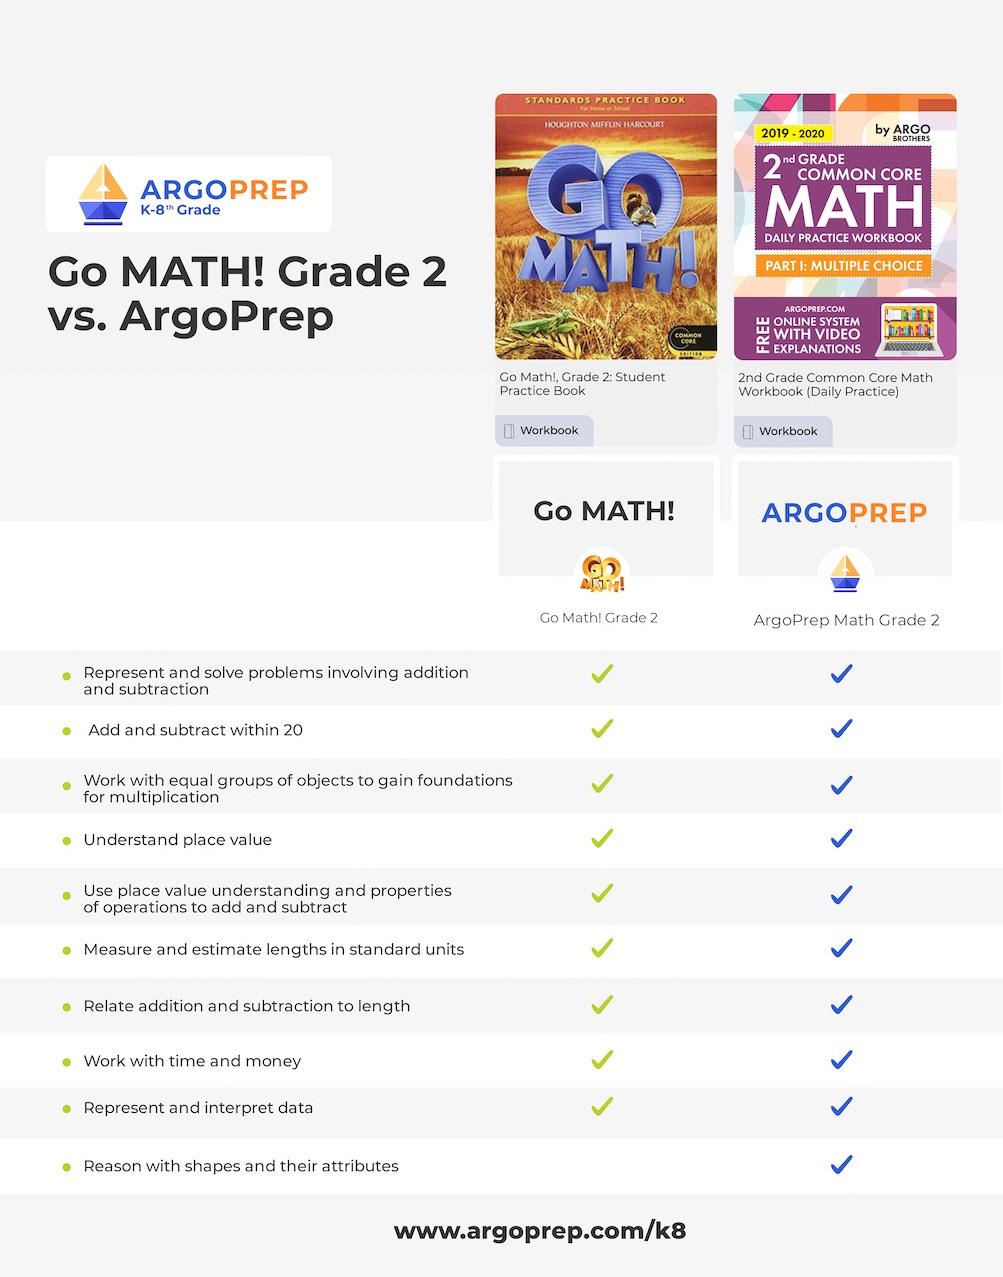 Go Math vs. ArgoPrep